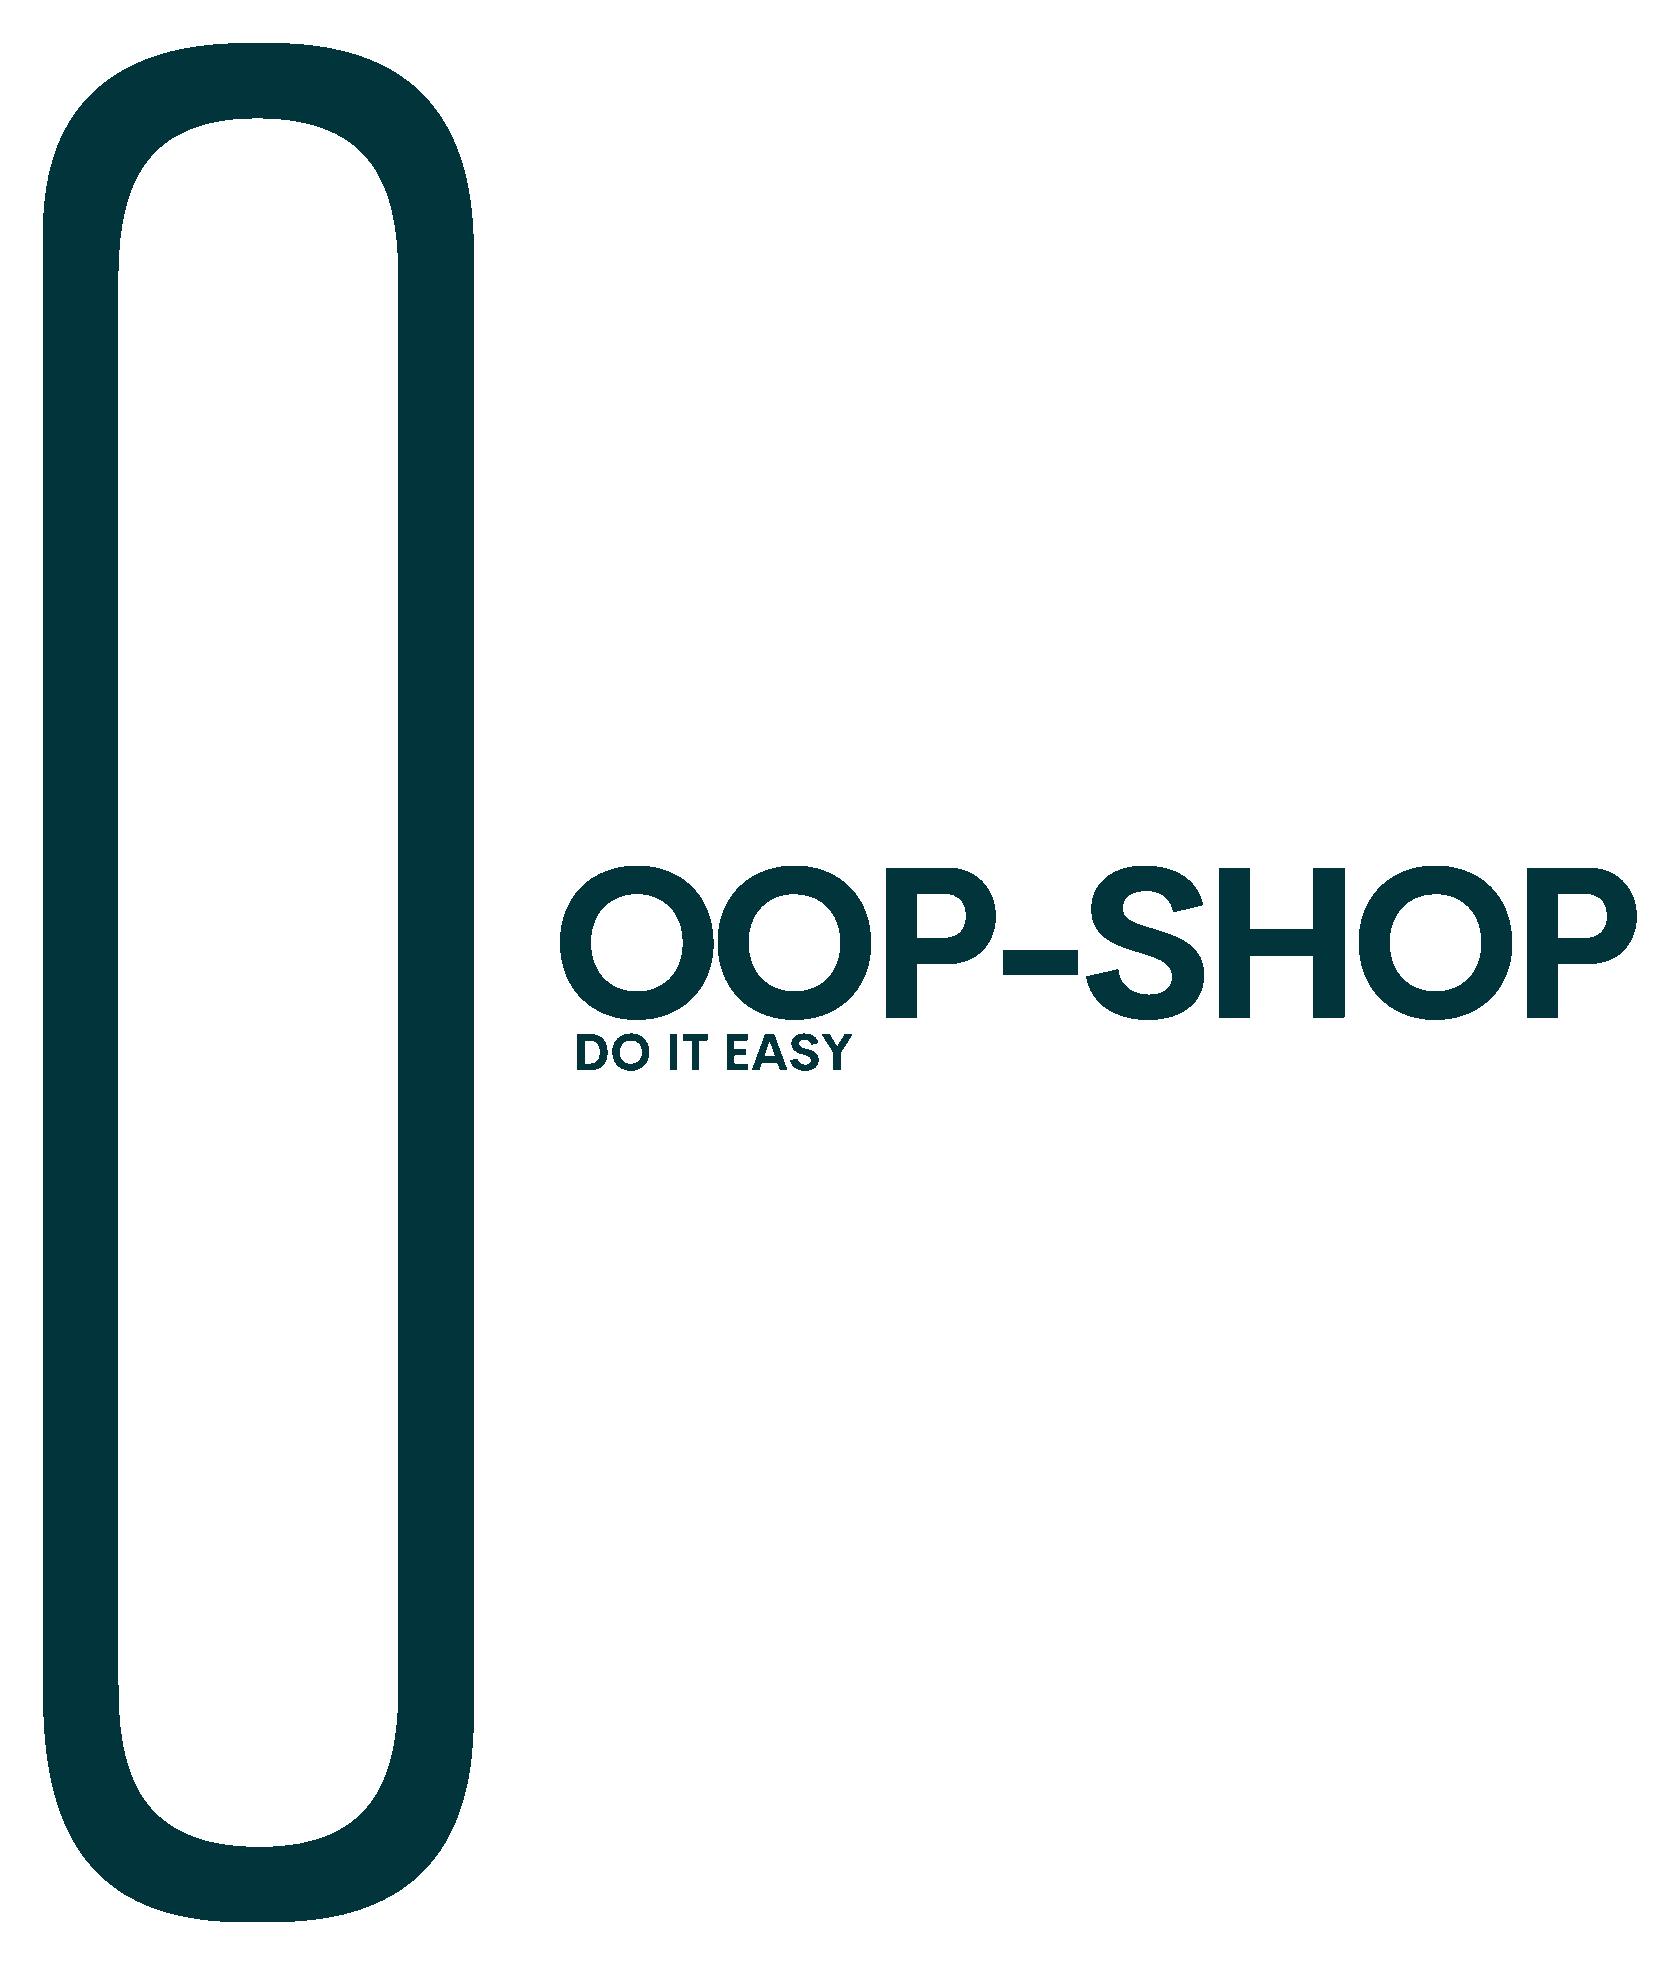 Logo Oop-Shop